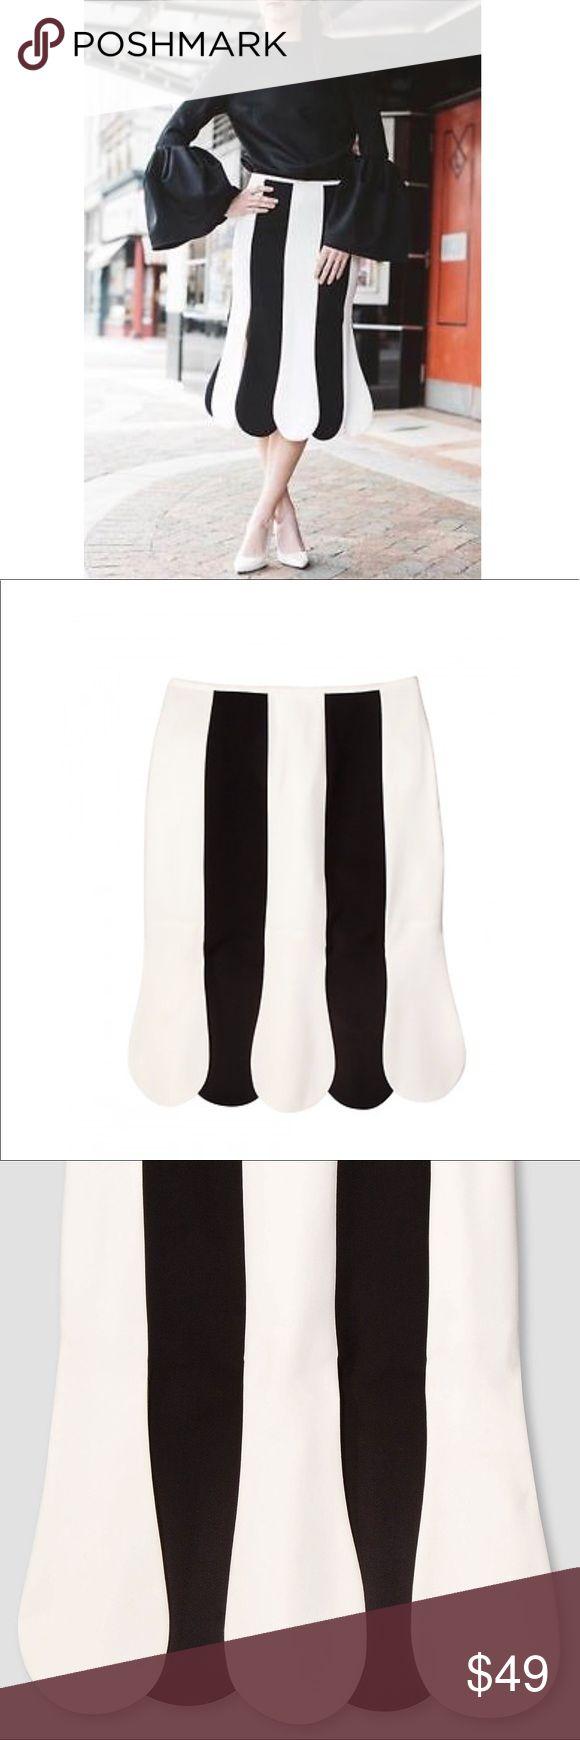 NWT Victoria Beckham Target Black & White Skirt Victoria Beckham Target Black and White Stripe Scalloped Midi Skirt NWT SOLD OUT Victoria Beckham for Target Skirts Midi